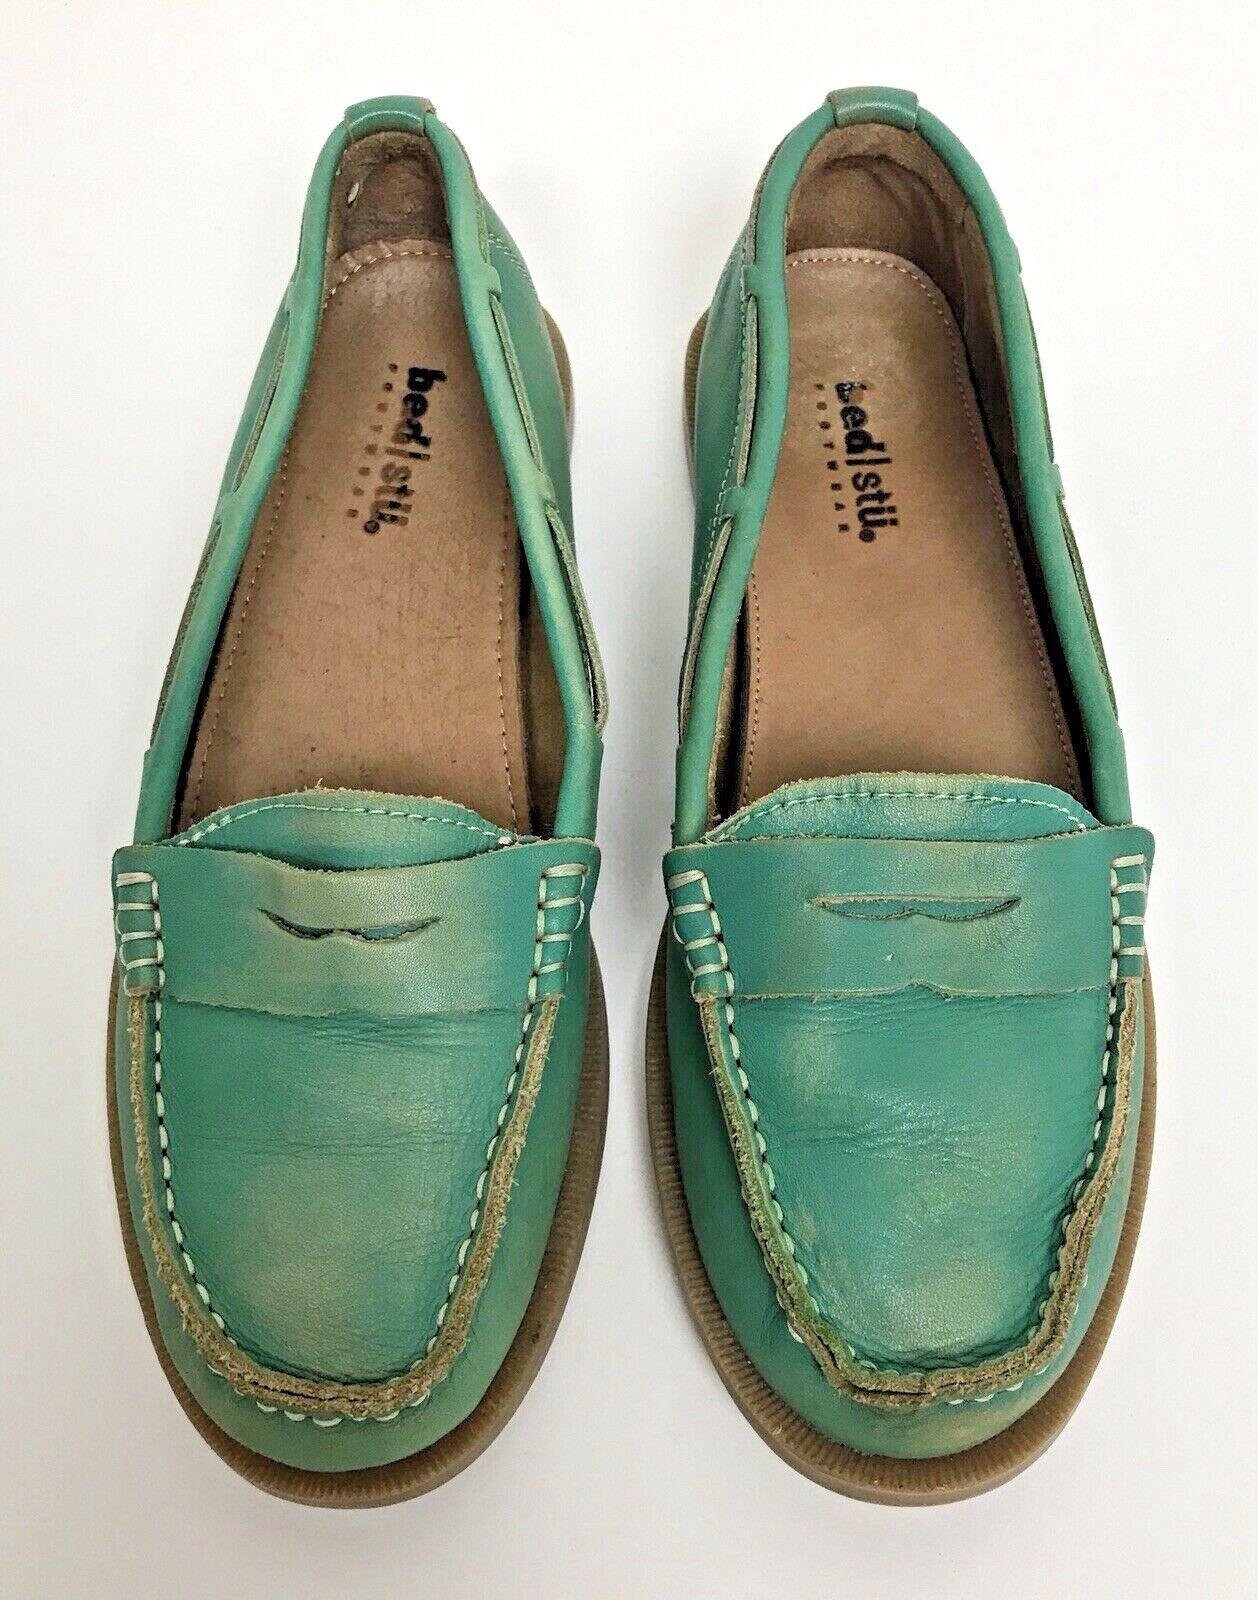 Bed Stu Womens Sz 8  EU 38 Penny Loafer Slip On shoes Leather Aqua Green Moc Flat